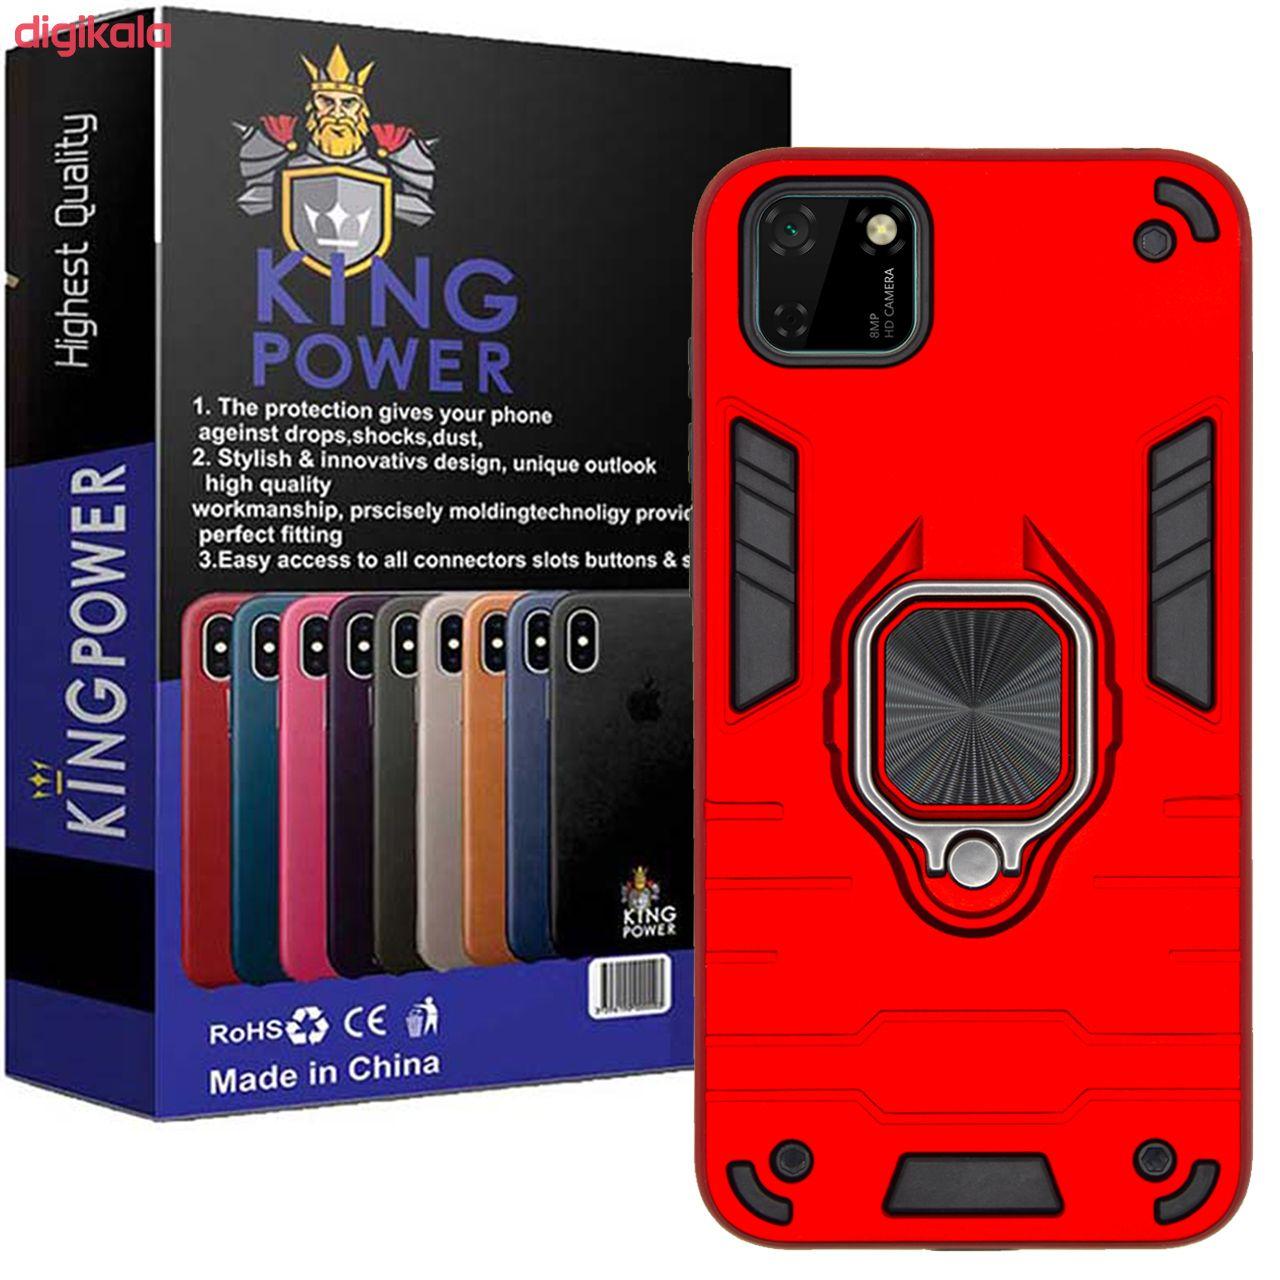 کاور کینگ پاور مدل ASH22 مناسب برای گوشی موبایل هوآوی Y5p / Y5 2020 / آنر 9S main 1 2